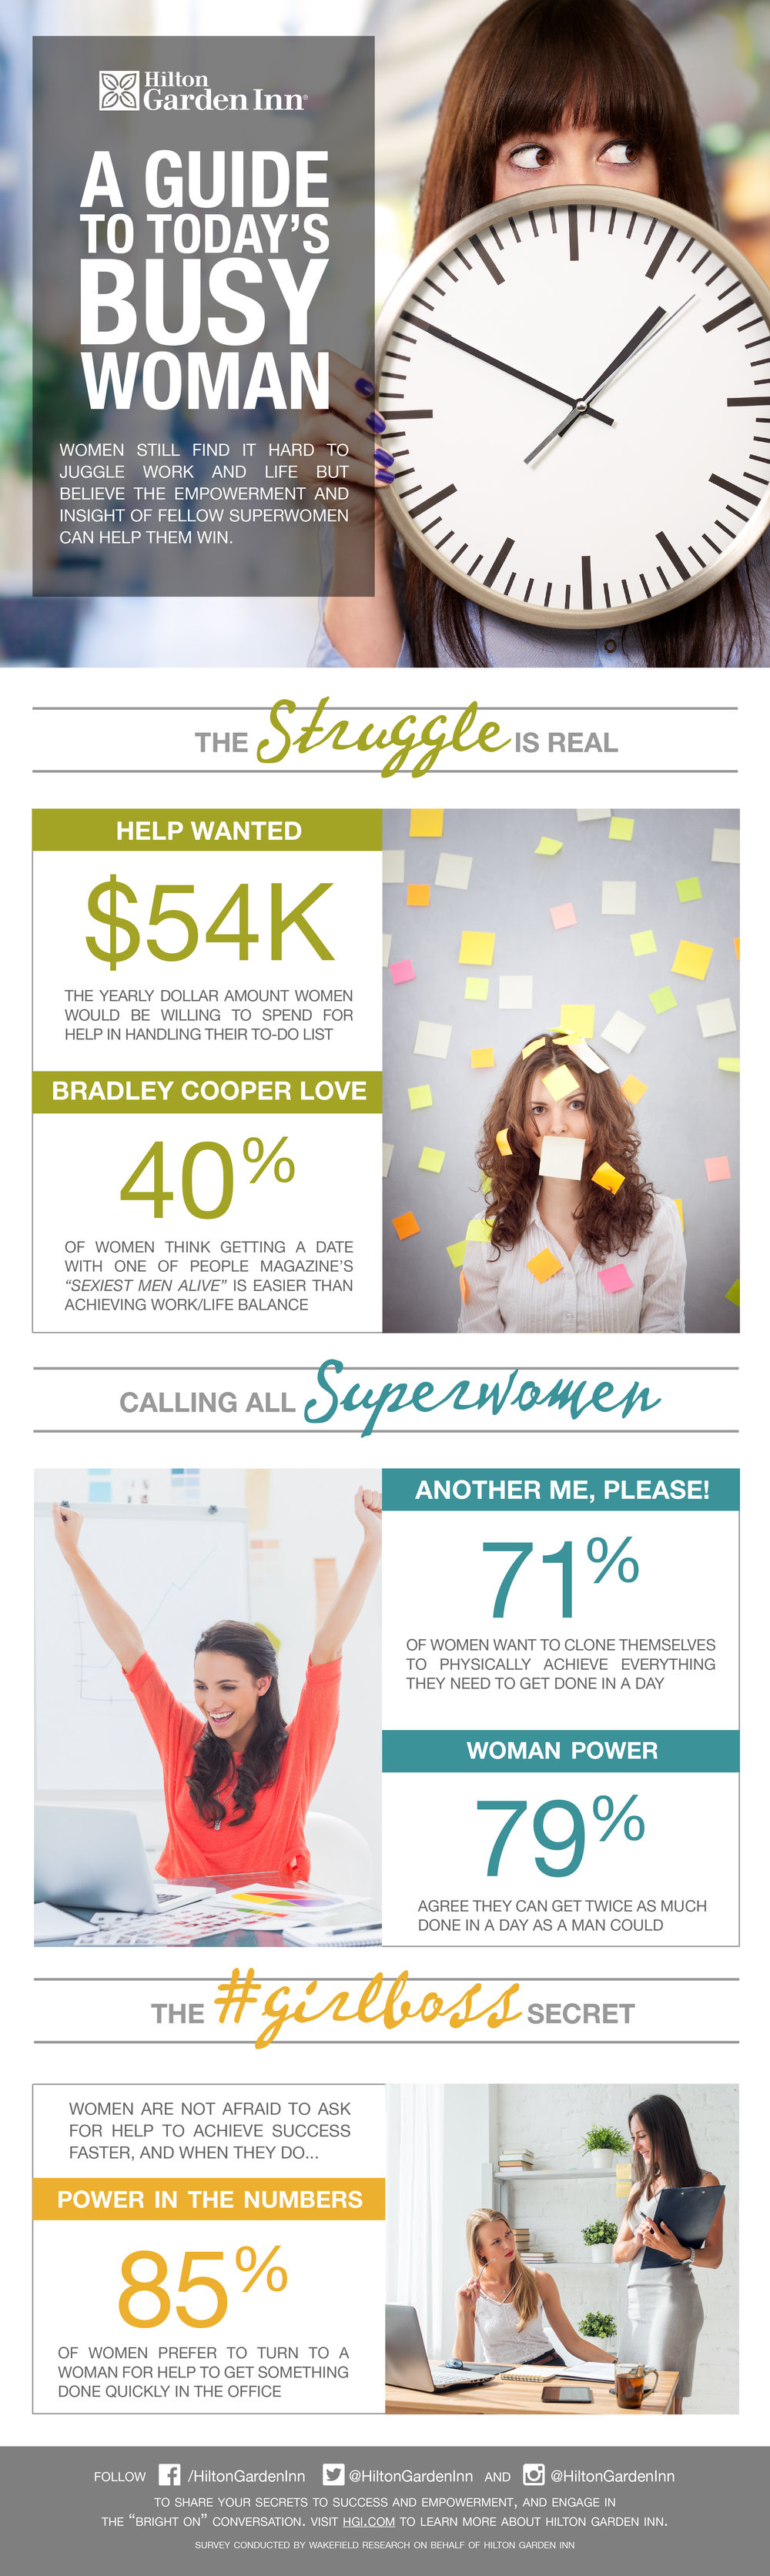 HiltonGardenInn_WomenInfographic.jpg